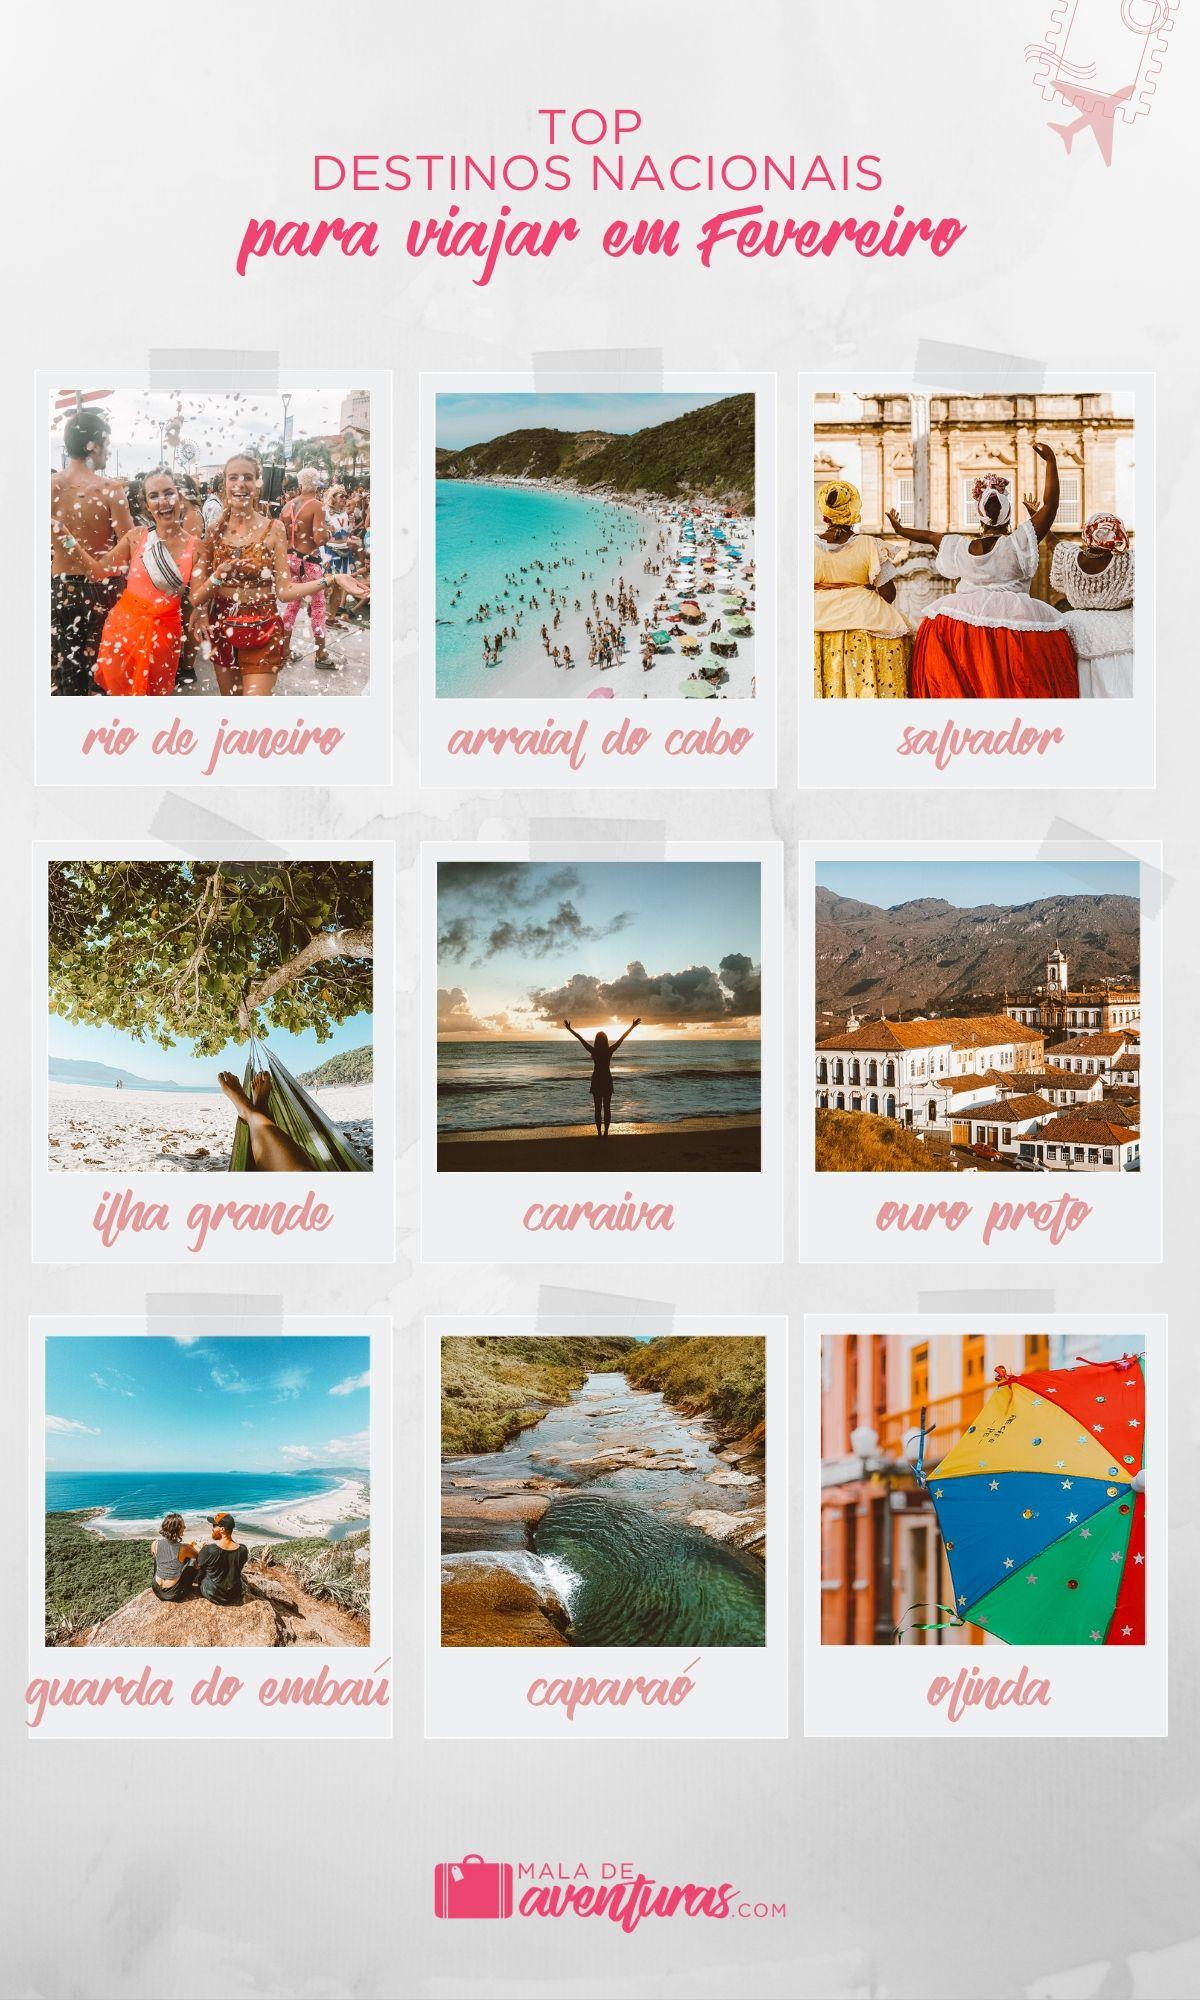 top destinos para viajar em fevereiro